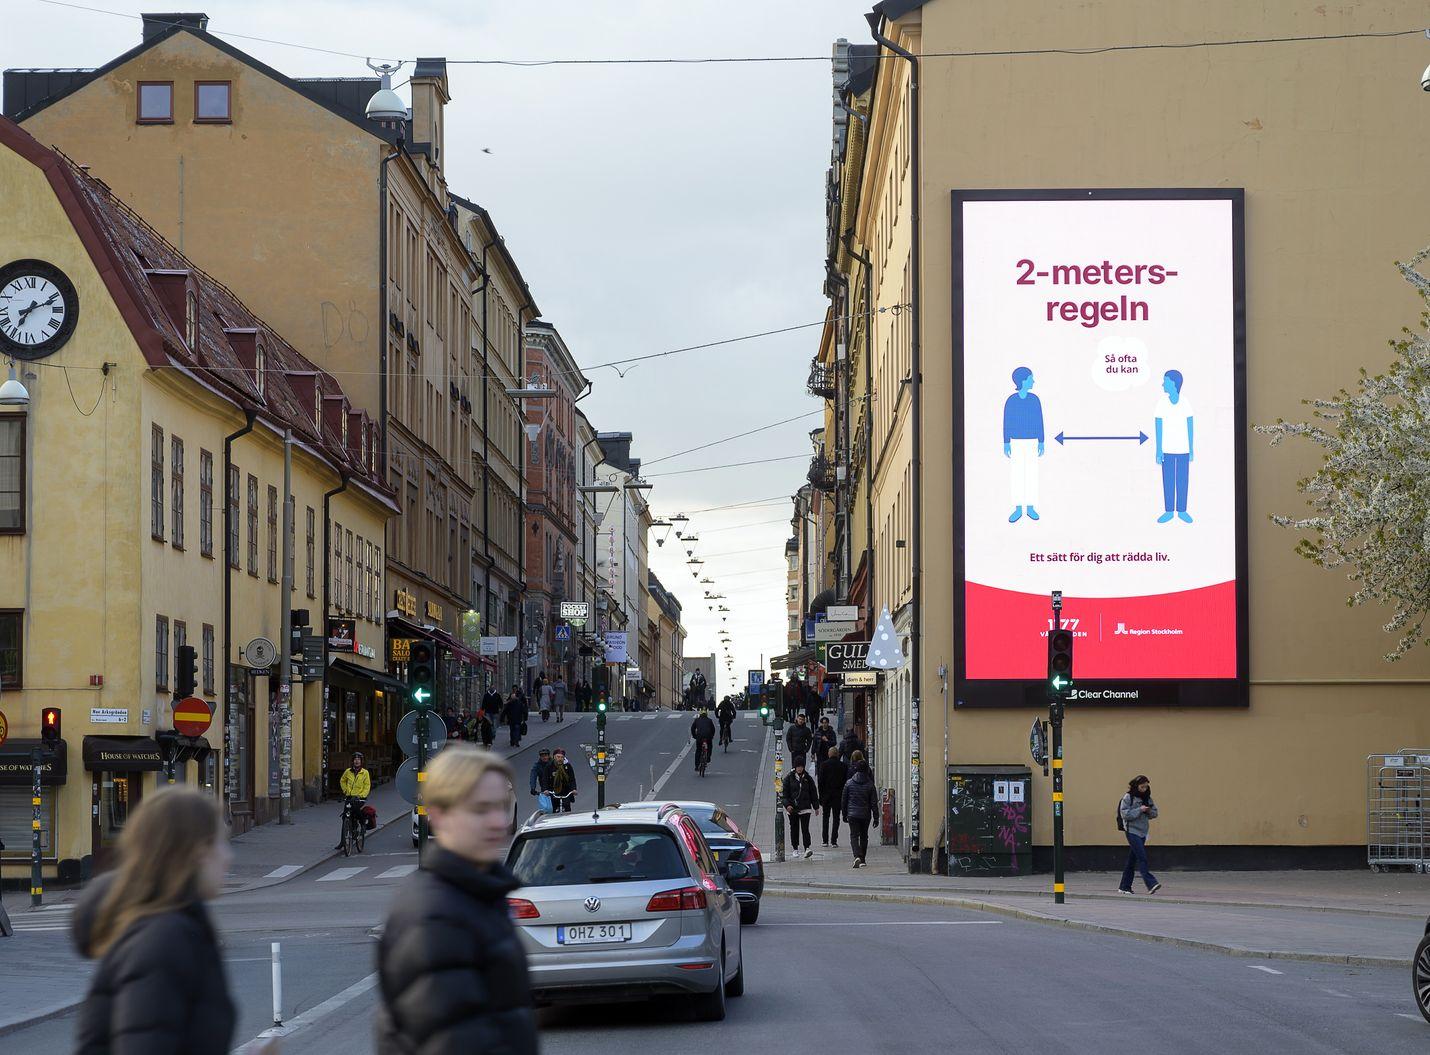 Ruotsi otti käyttöön huomattavasti kevyempiä koronaviruksen vastaisia rajoitustoimia kuin muut Pohjoismaat. Huhtikuun lopussa tukholmalaisia muistutettiin kaupungilla turvavälien pitämisestä.